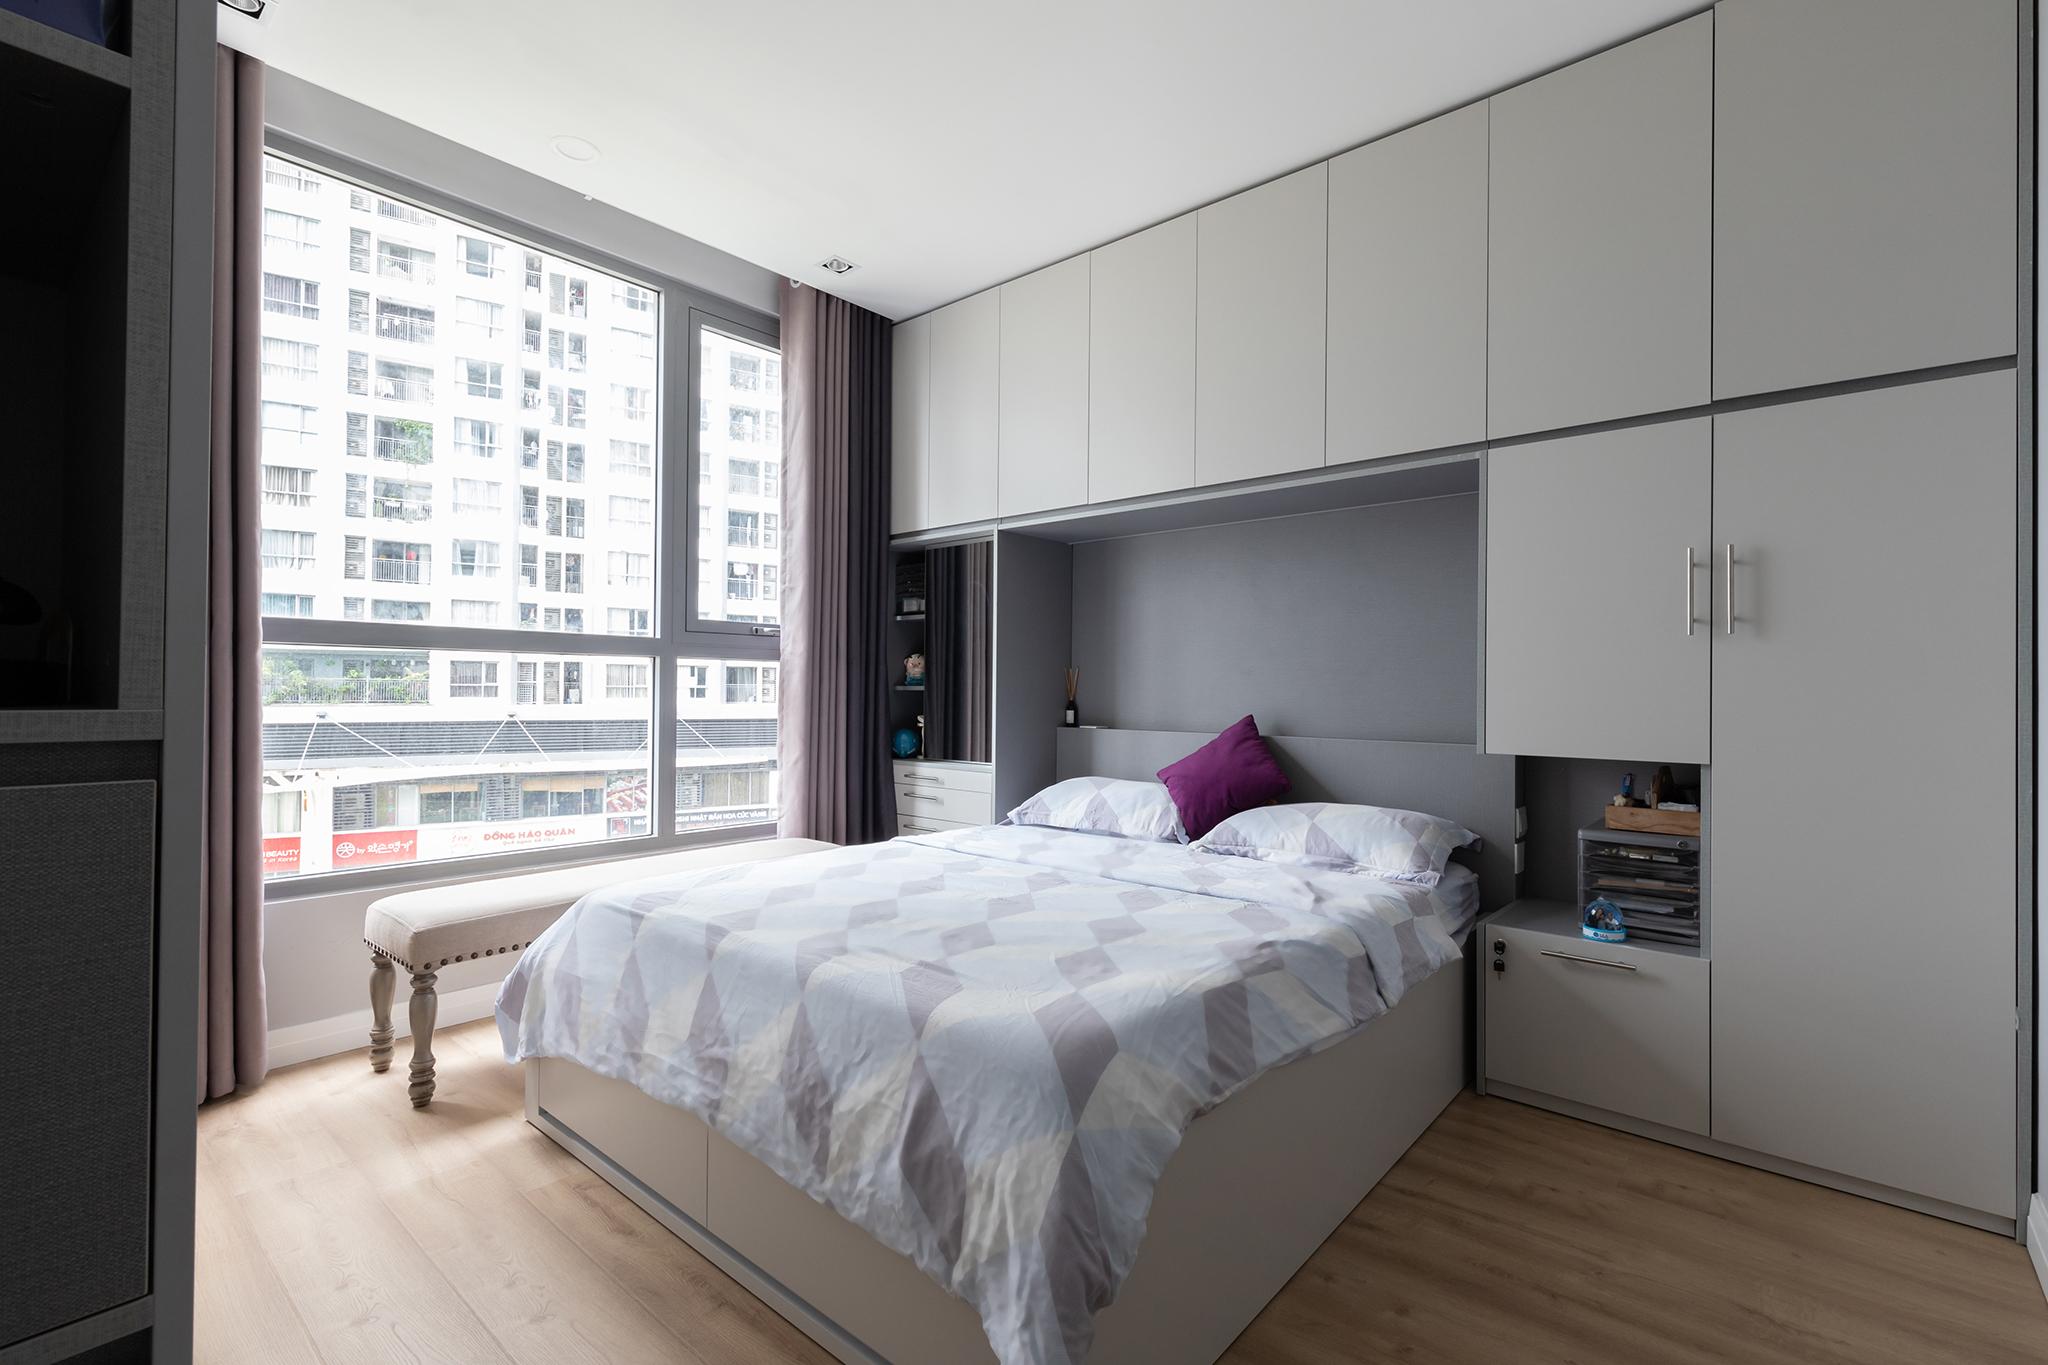 Tủ quần áo đẹp góp phần mang đến sự sang trọng, hiện đại cho phòng ngủ